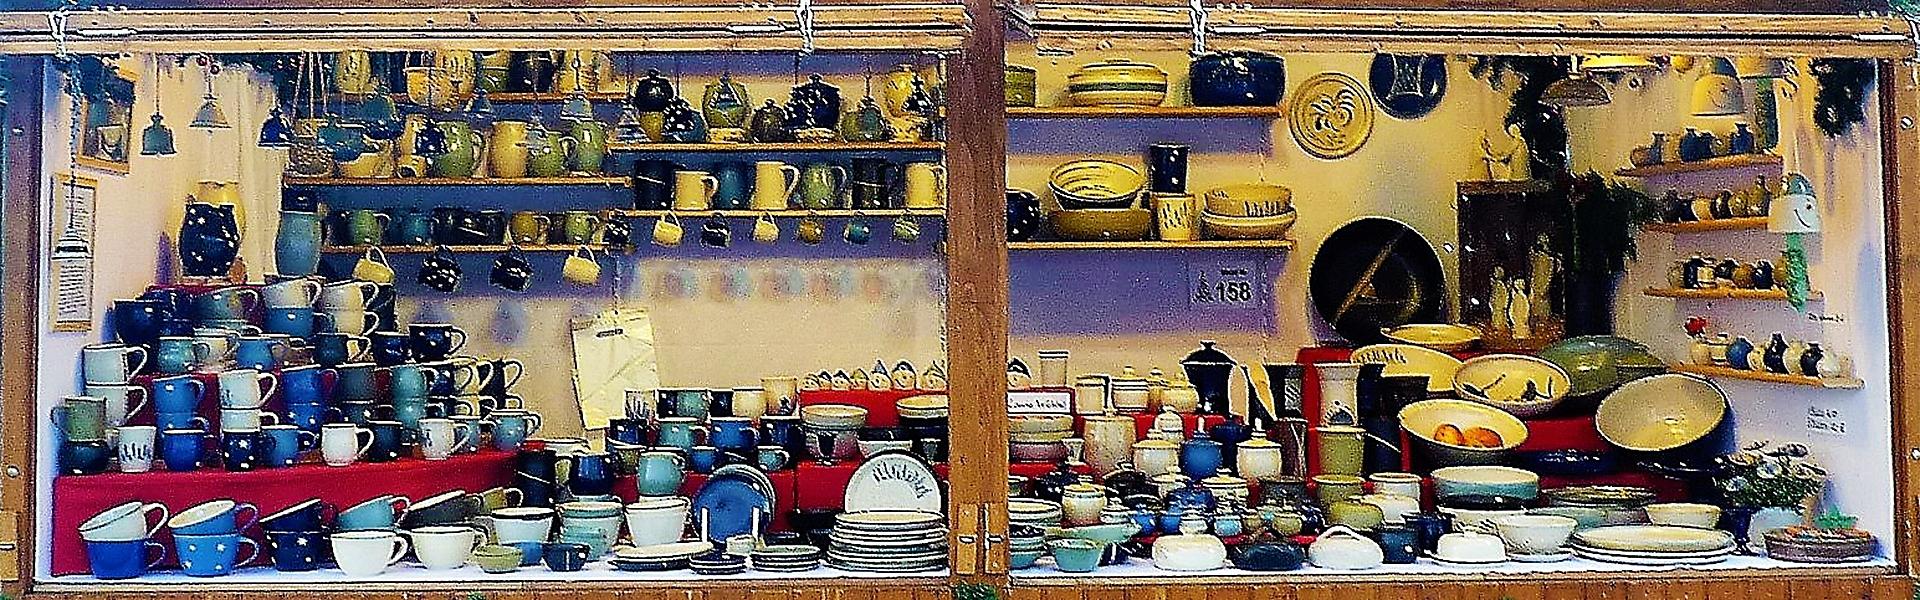 Kipke-Stahlberg Keramik